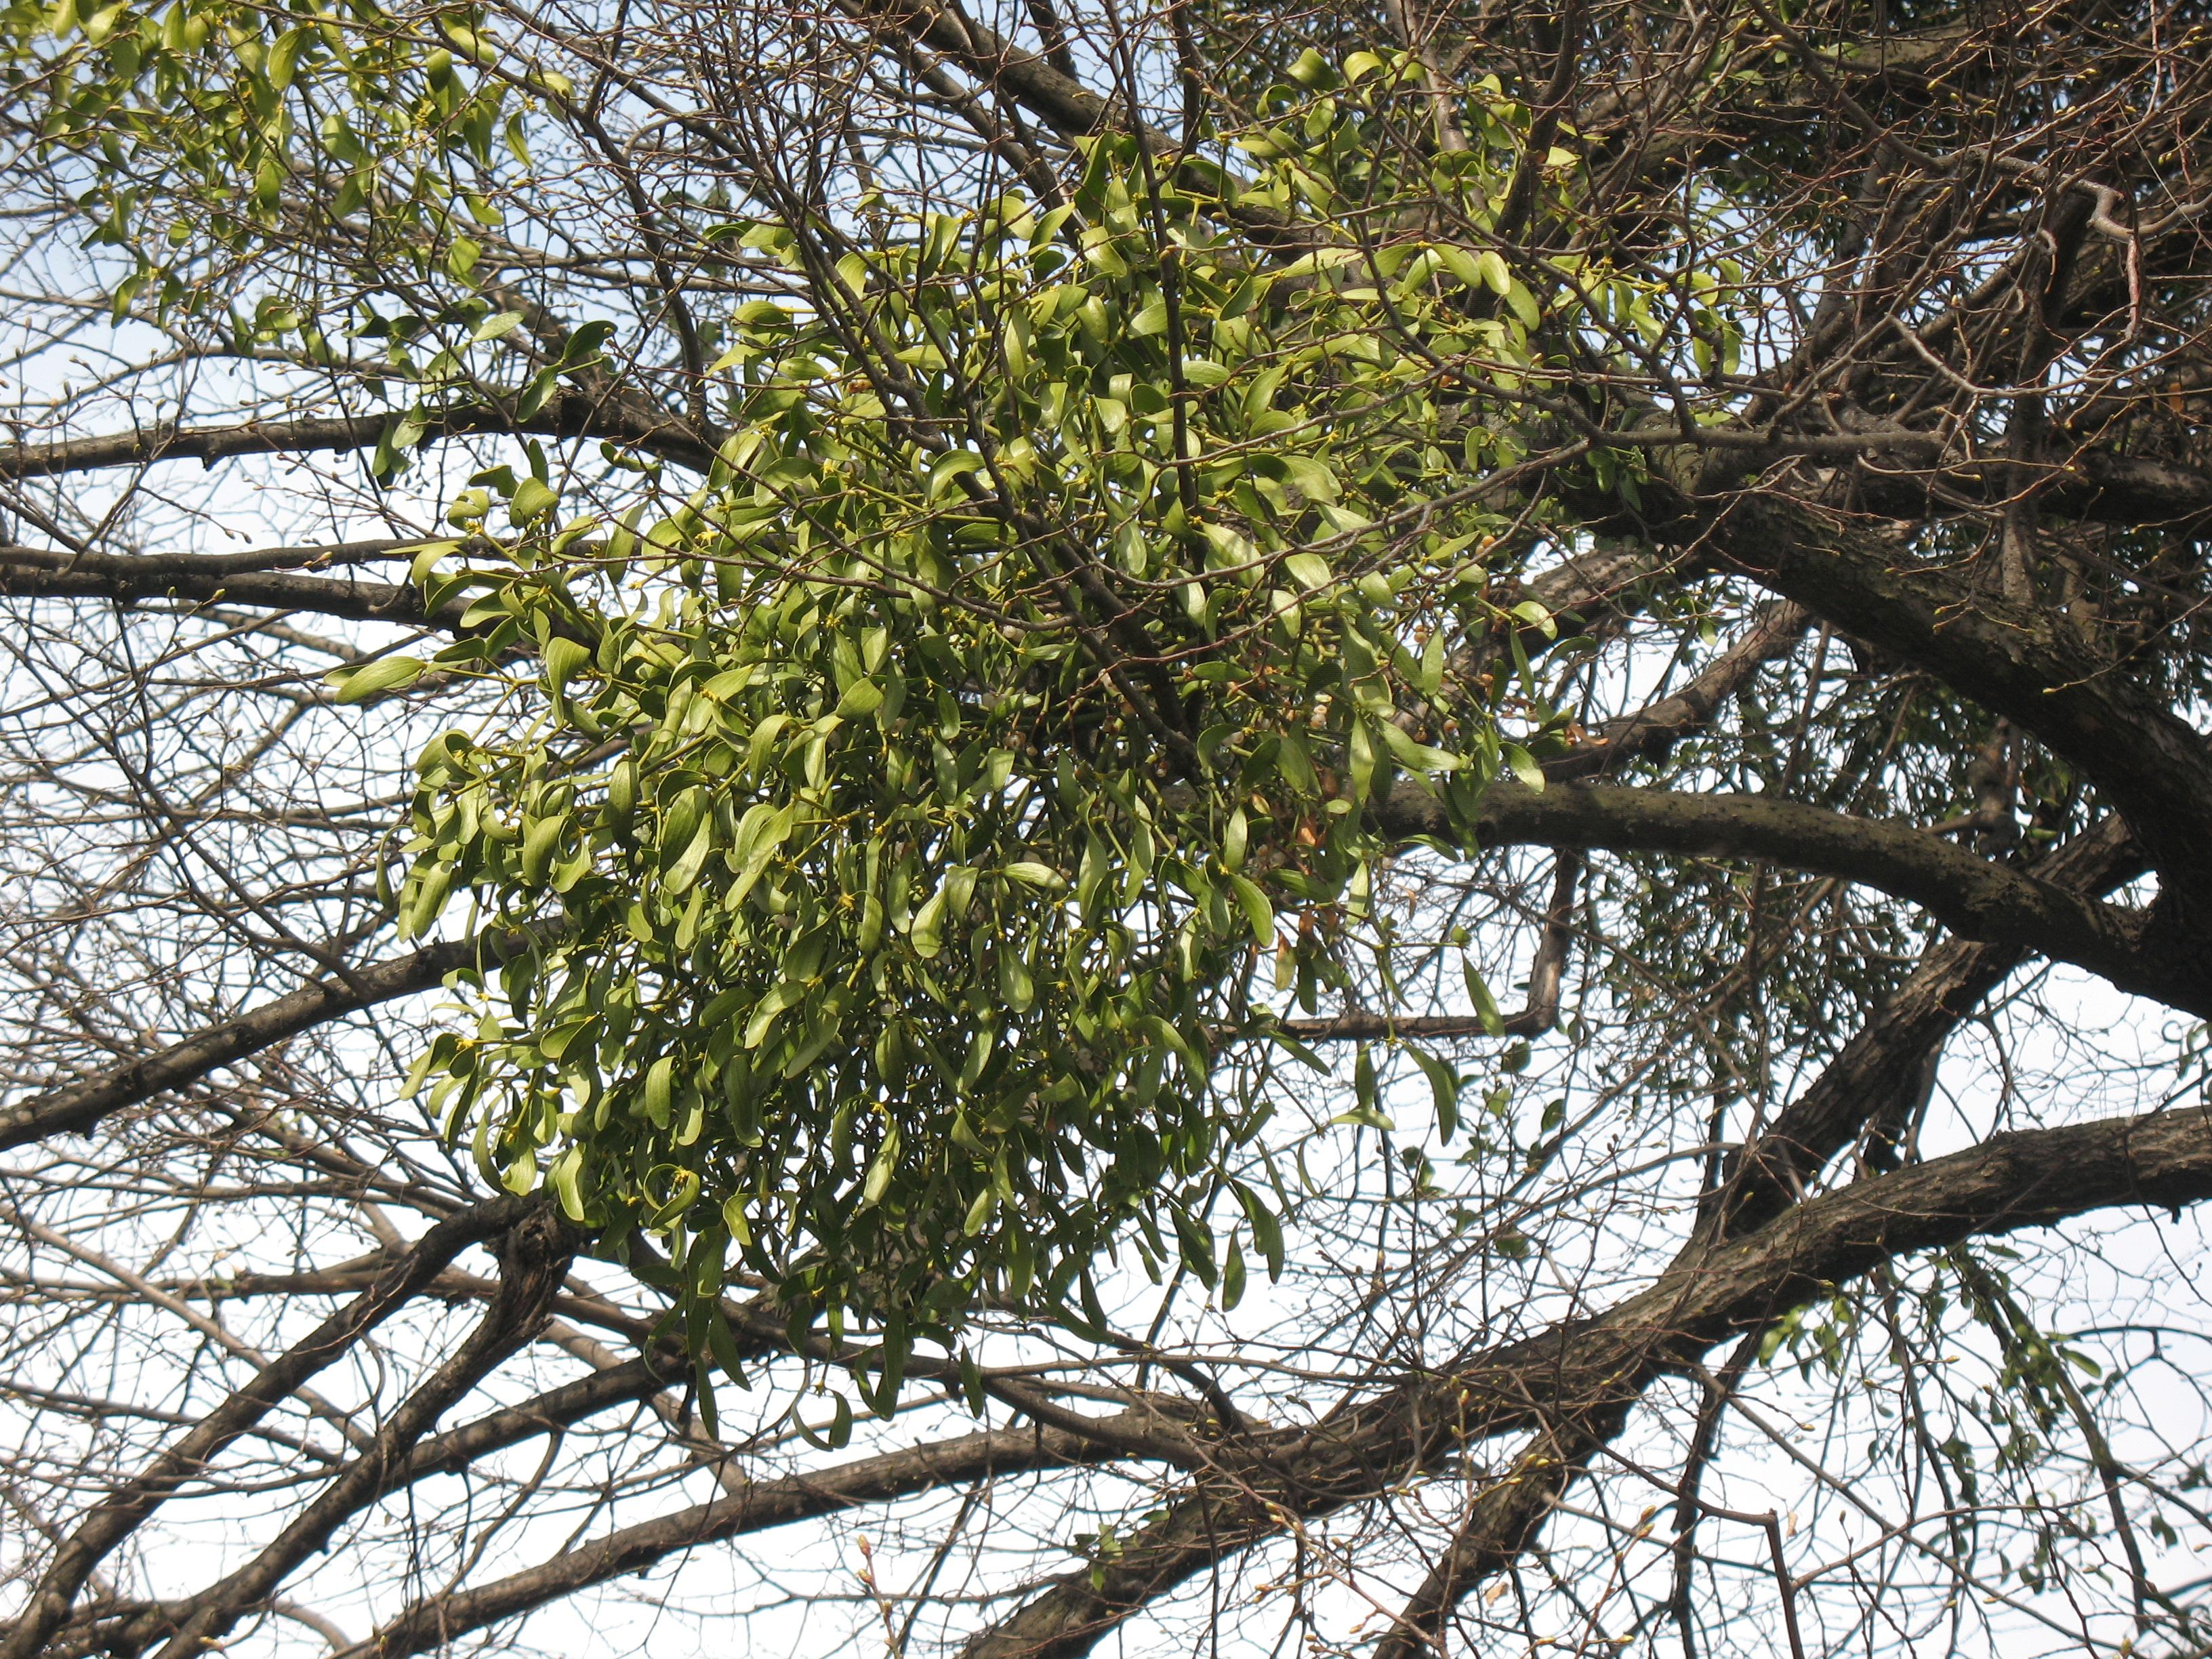 паразиты на деревьях амелия